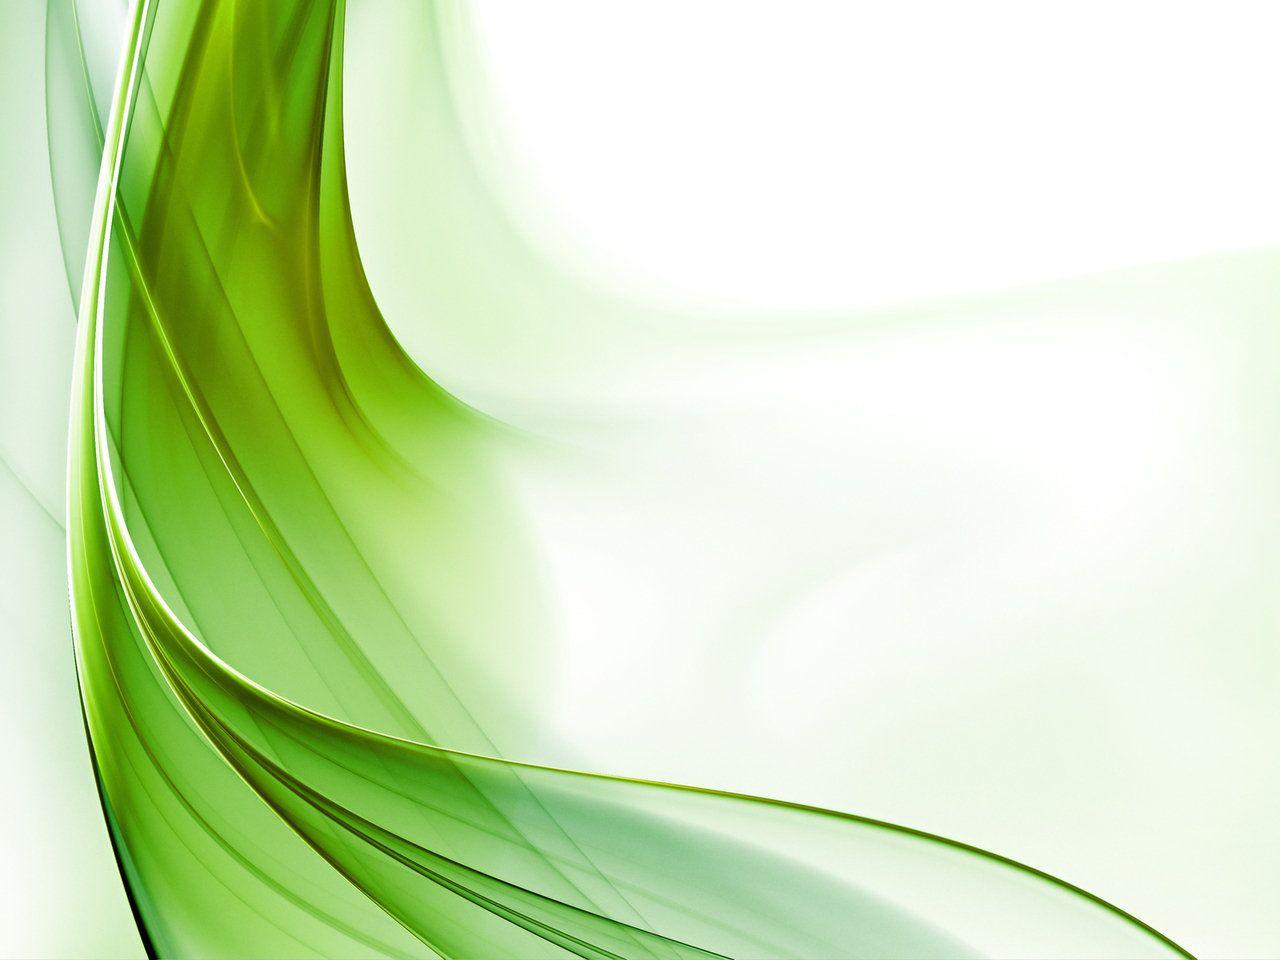 Ofertas De Belleza Fondos De Pantalla Verde Fondos De Presentacion Fondos Para Diapositivas